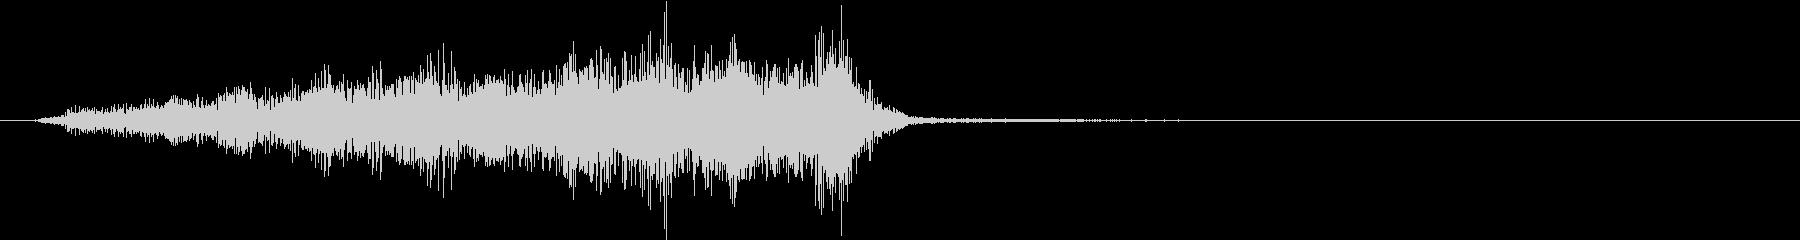 キャラクター召喚音の未再生の波形